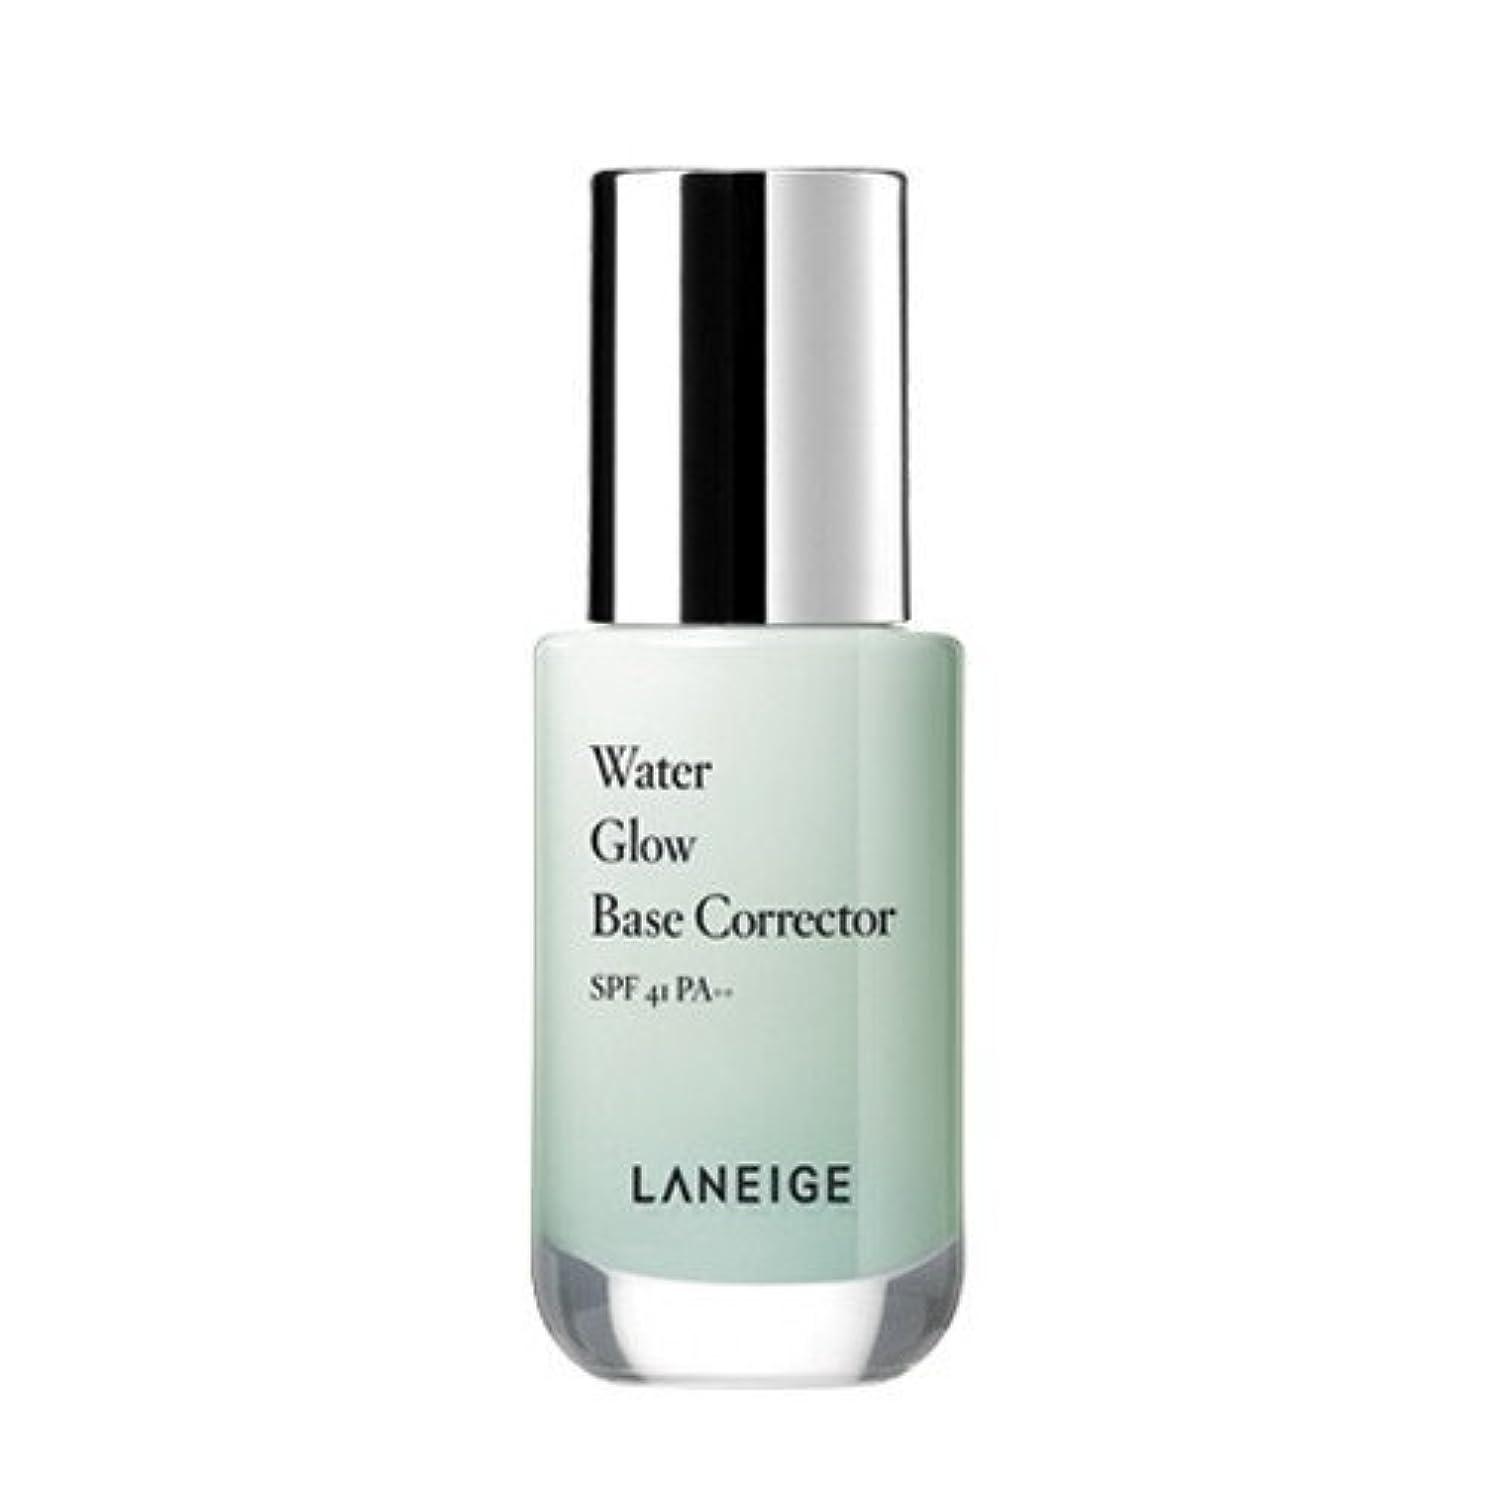 虚栄心切り離すストレスの多い[New] LANEIGE Water Glow Base Corrector 35g/ラネージュ ウォーター グロウ ベース コレクター 35g (#60 Light Green) [並行輸入品]